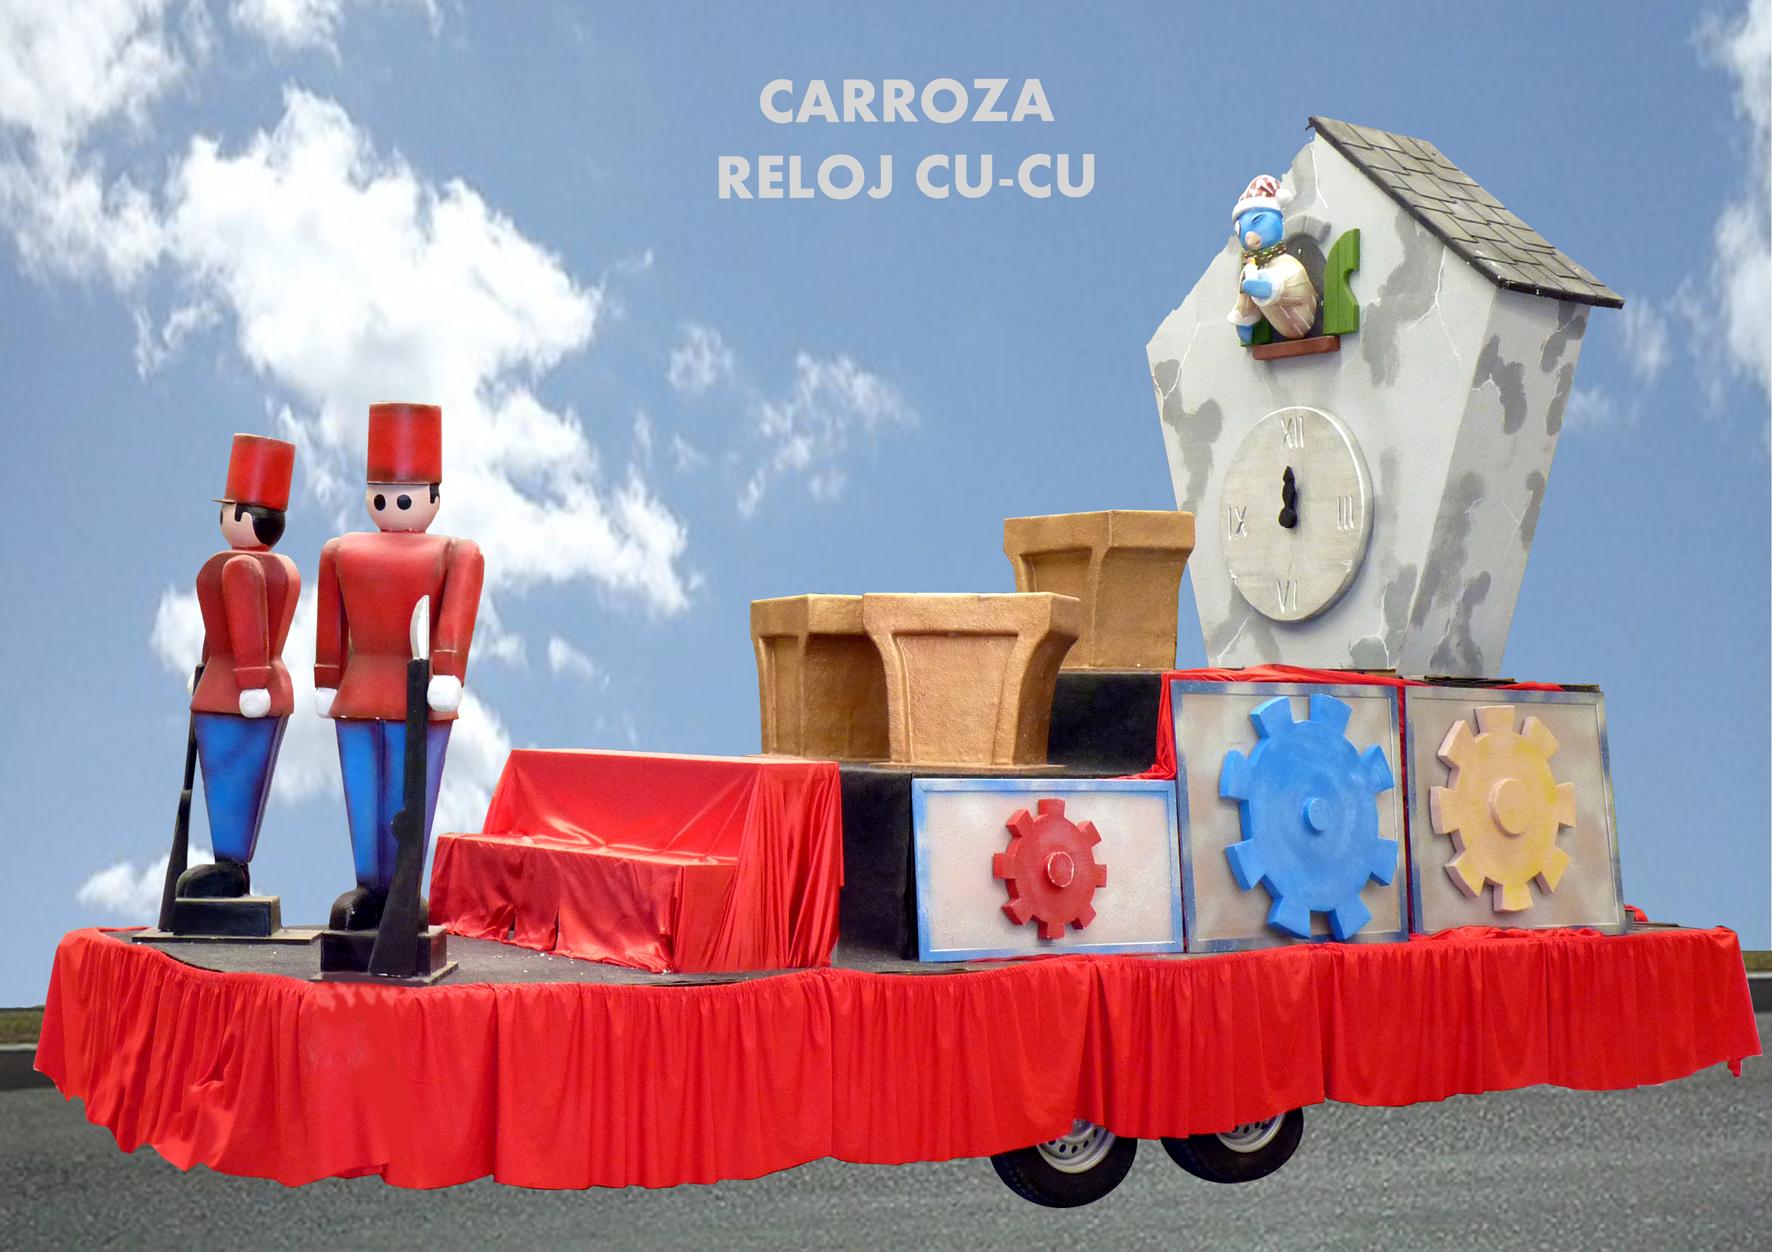 Carroza Infantil con Reloj Cucu y soldaditos